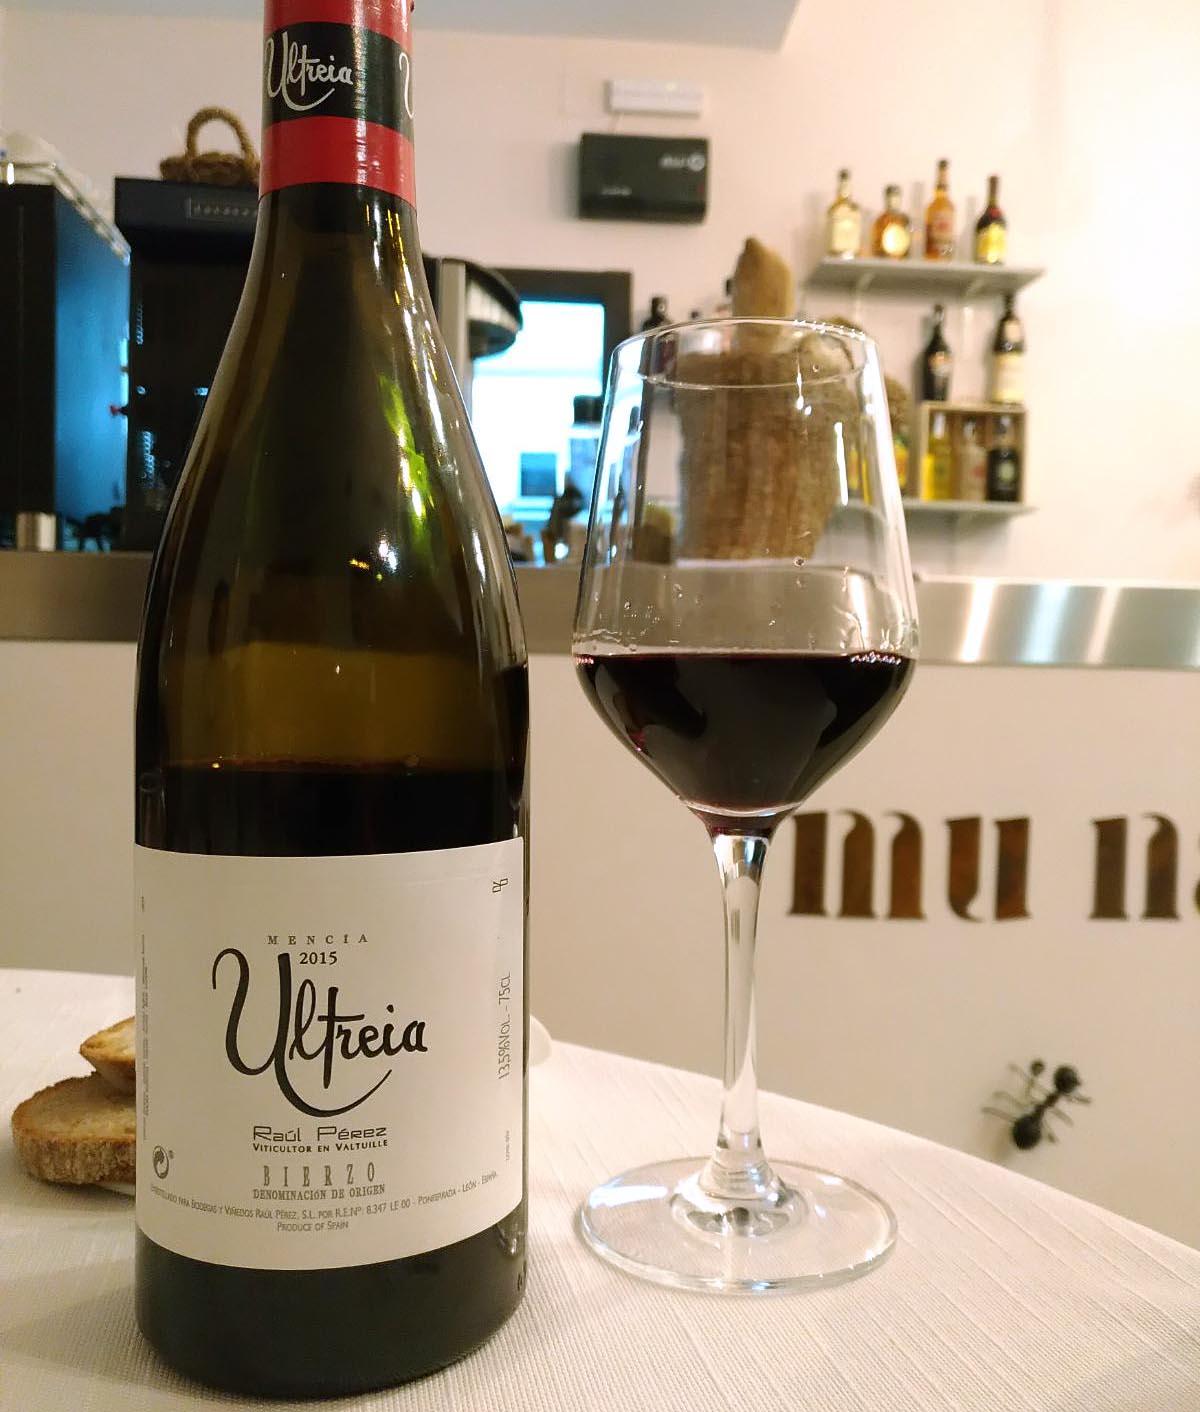 Ultreia Mencia 2015